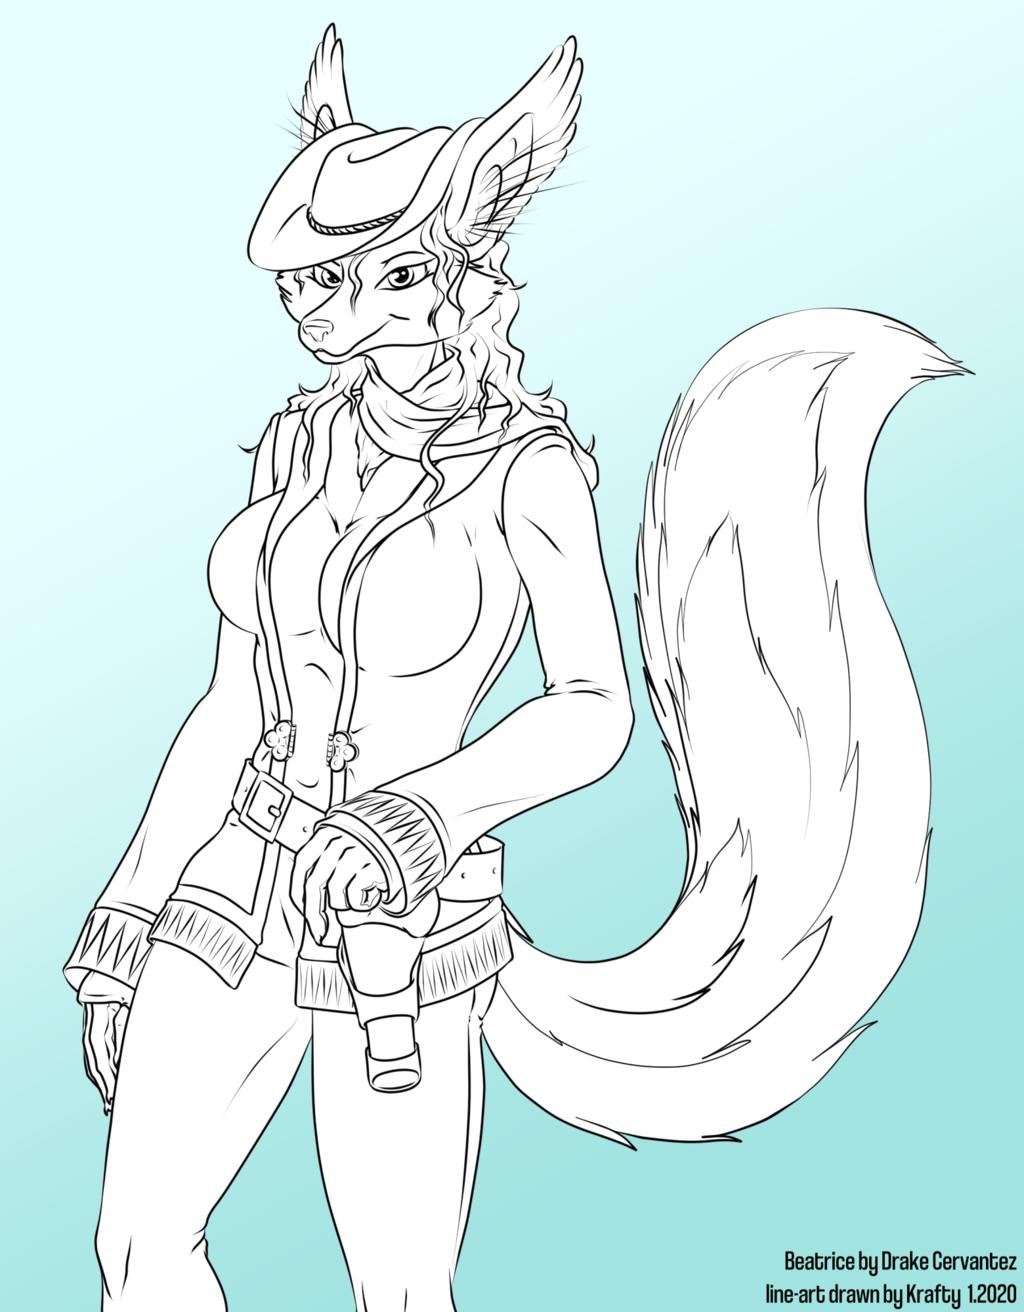 Beatrice the Gunslinger (anthro female fox)